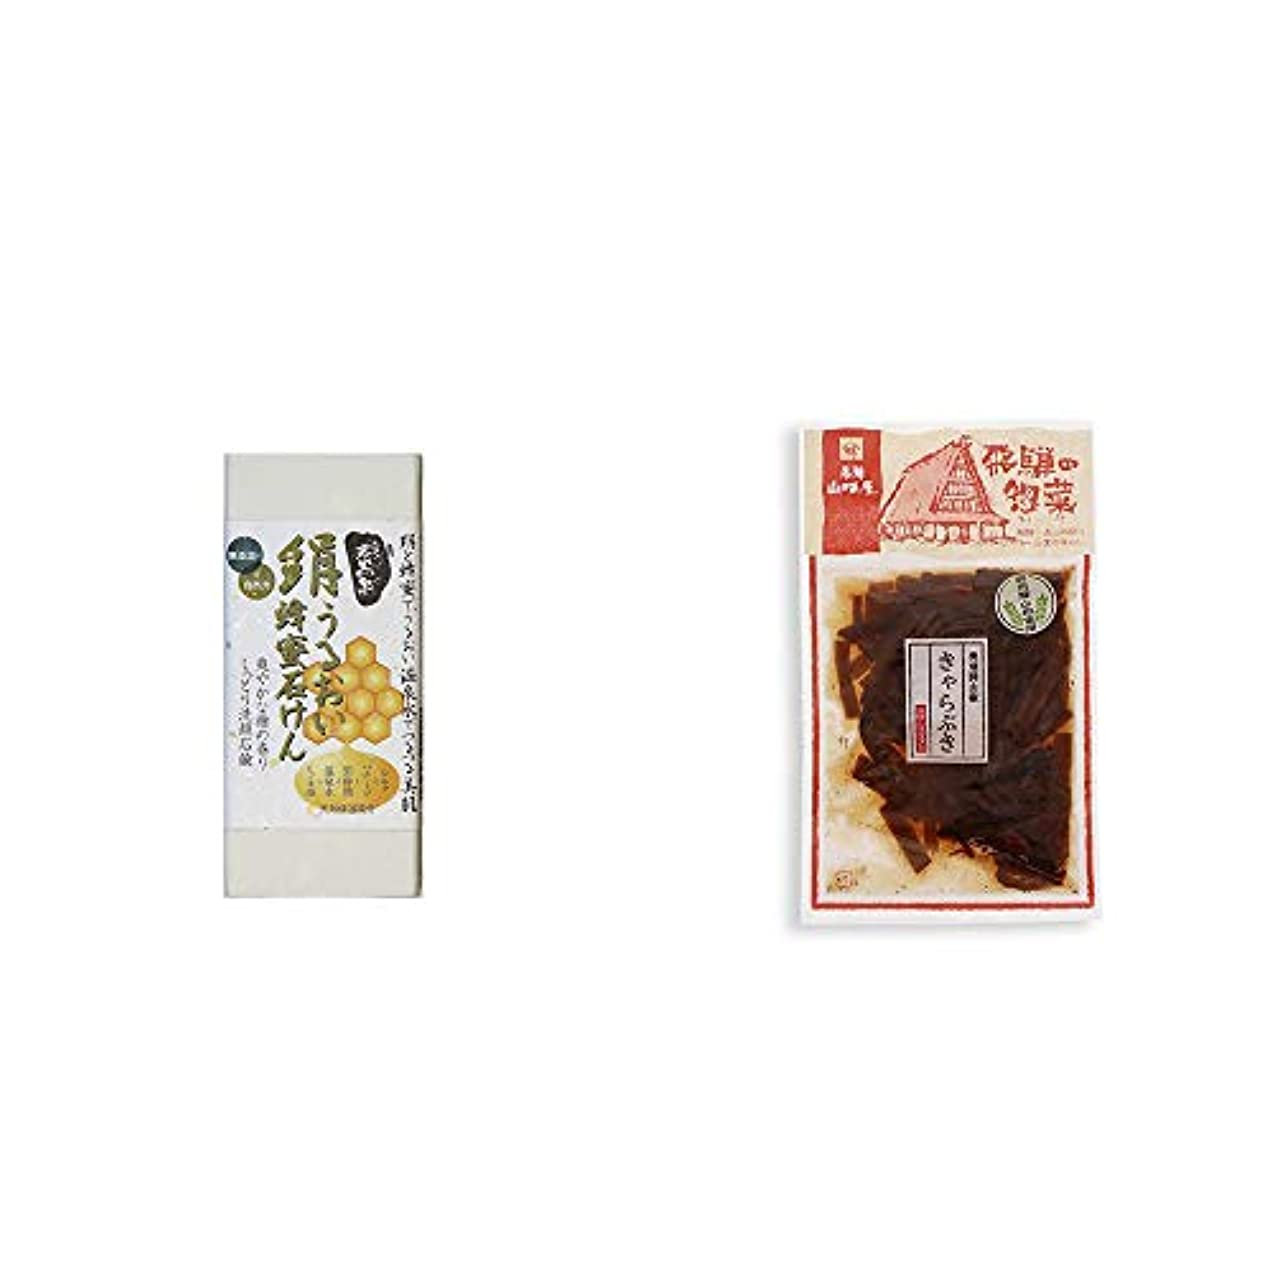 冒険タックコンドーム[2点セット] ひのき炭黒泉 絹うるおい蜂蜜石けん(75g×2)?飛騨山味屋 奥飛騨山椒きゃらぶき(120g)